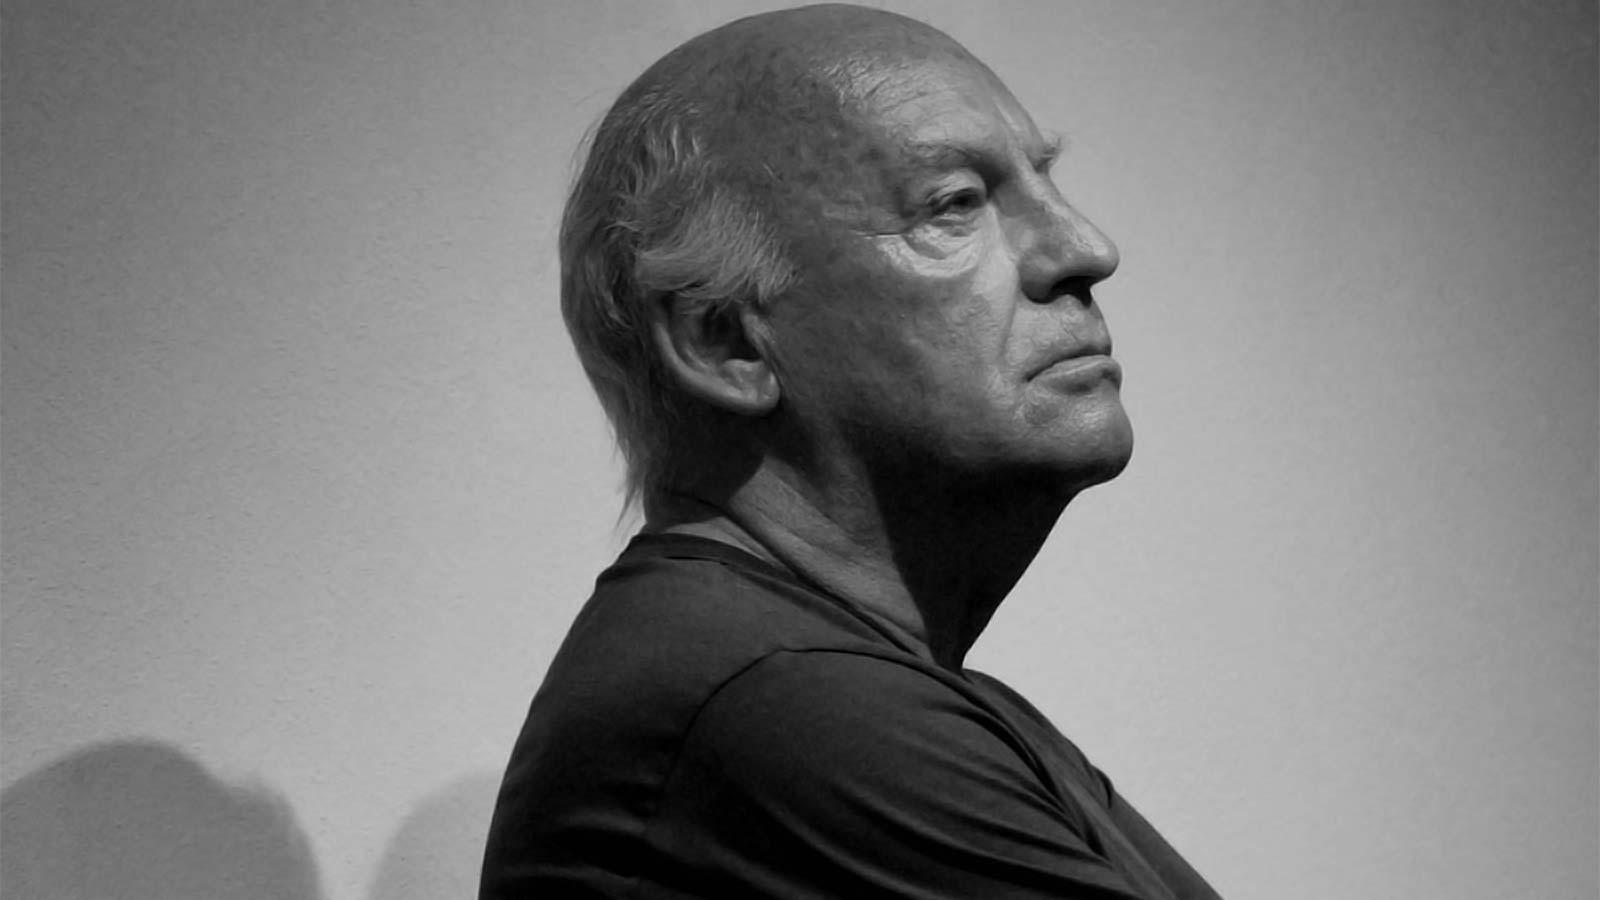 Había nacido el 3 de septiembre de 1940, en la misma ciudad donde murió.